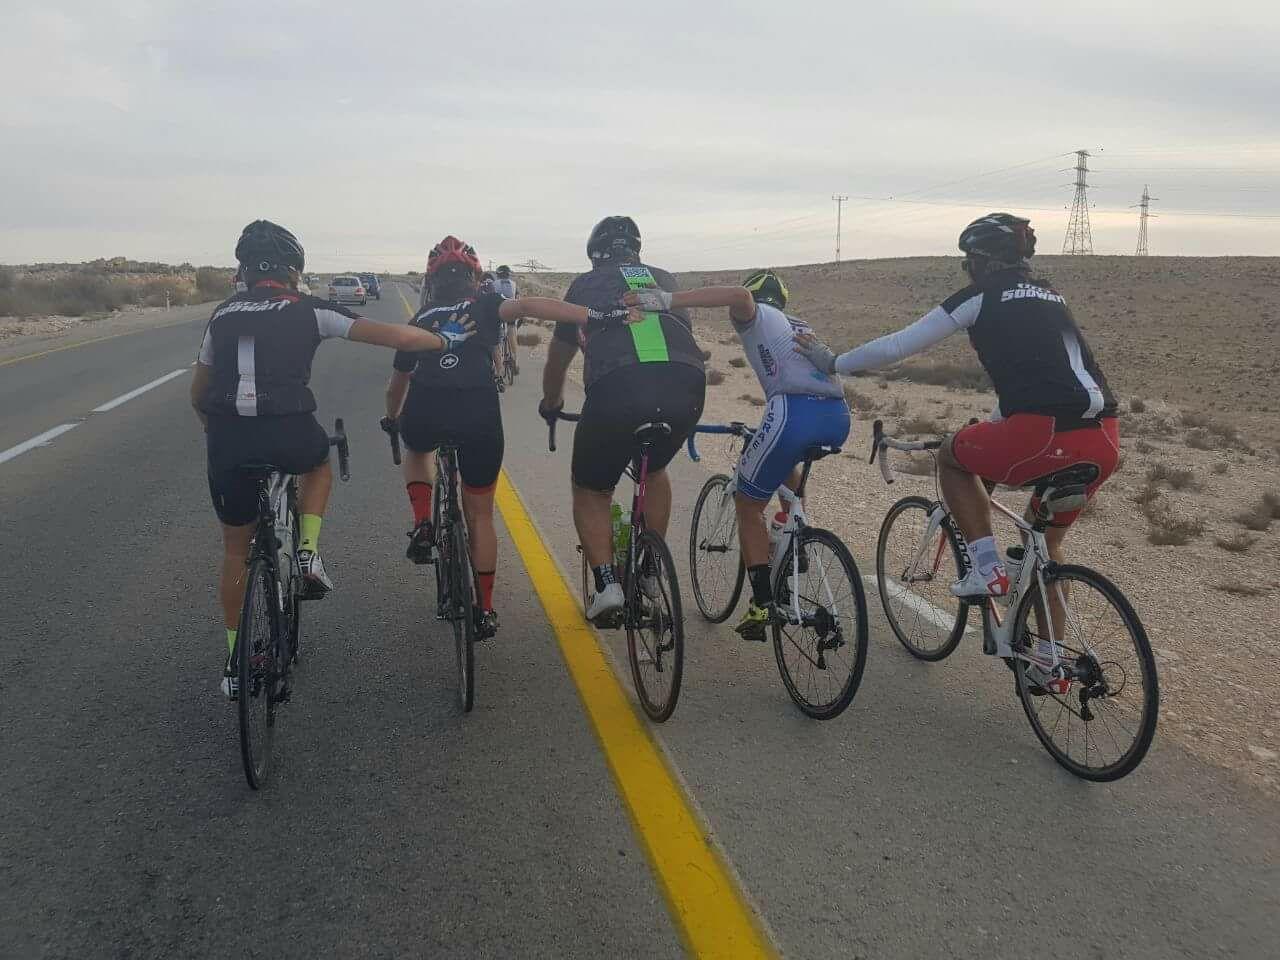 מעלים את המודעות לסרטן העור במסע אופניים לאילת